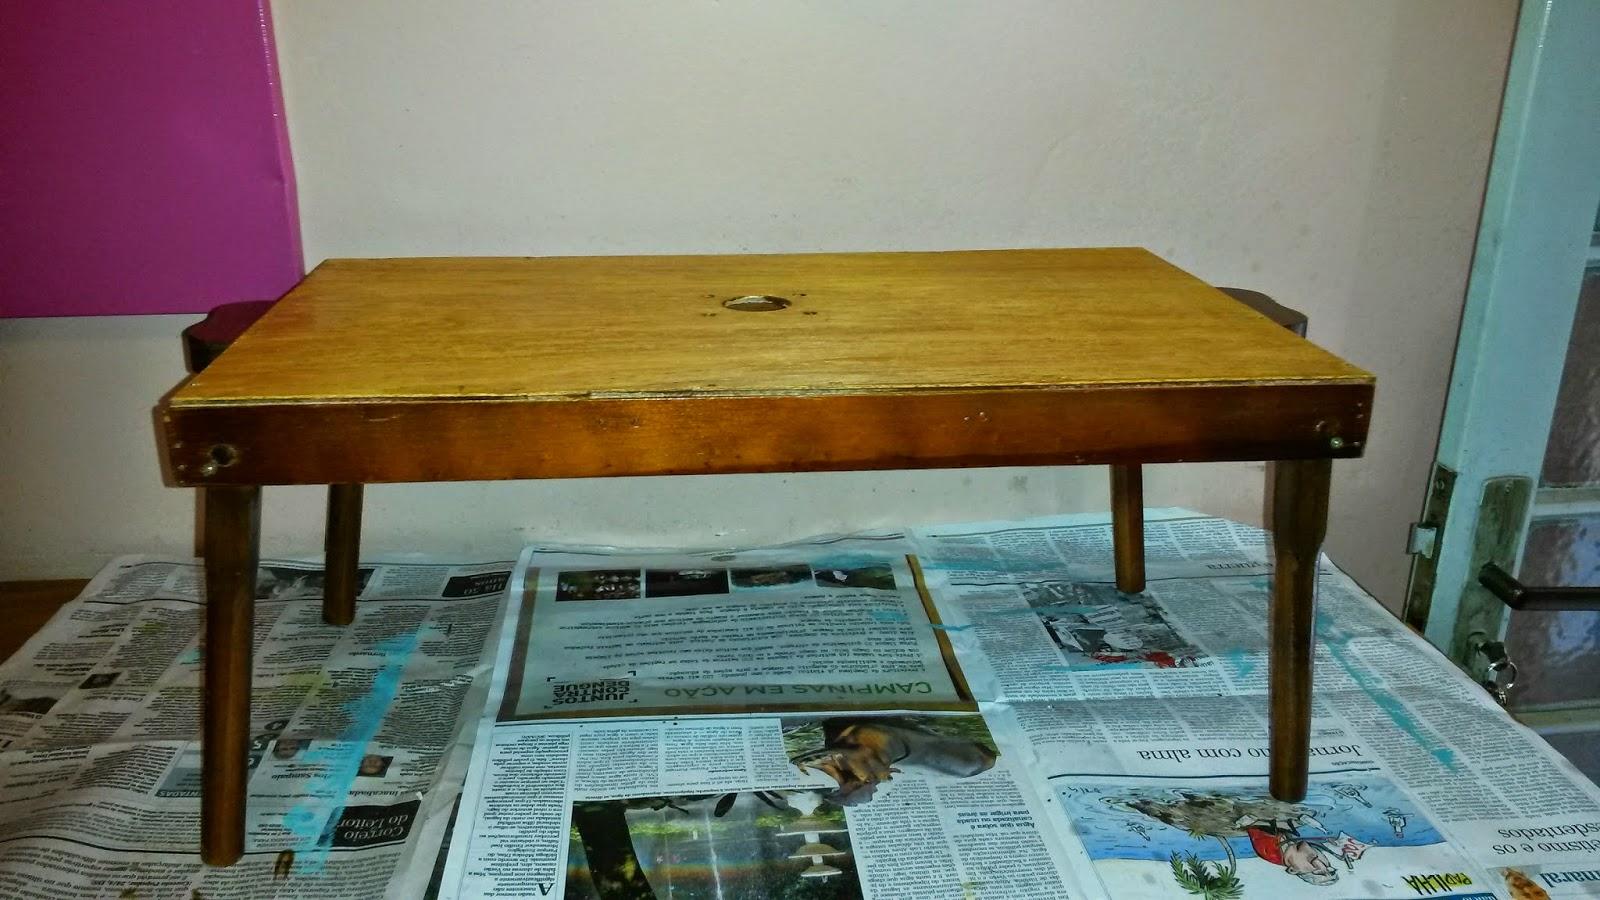 Oficina do Quintal: Como fazer uma bancada para Tupia #8D7228 1600x900